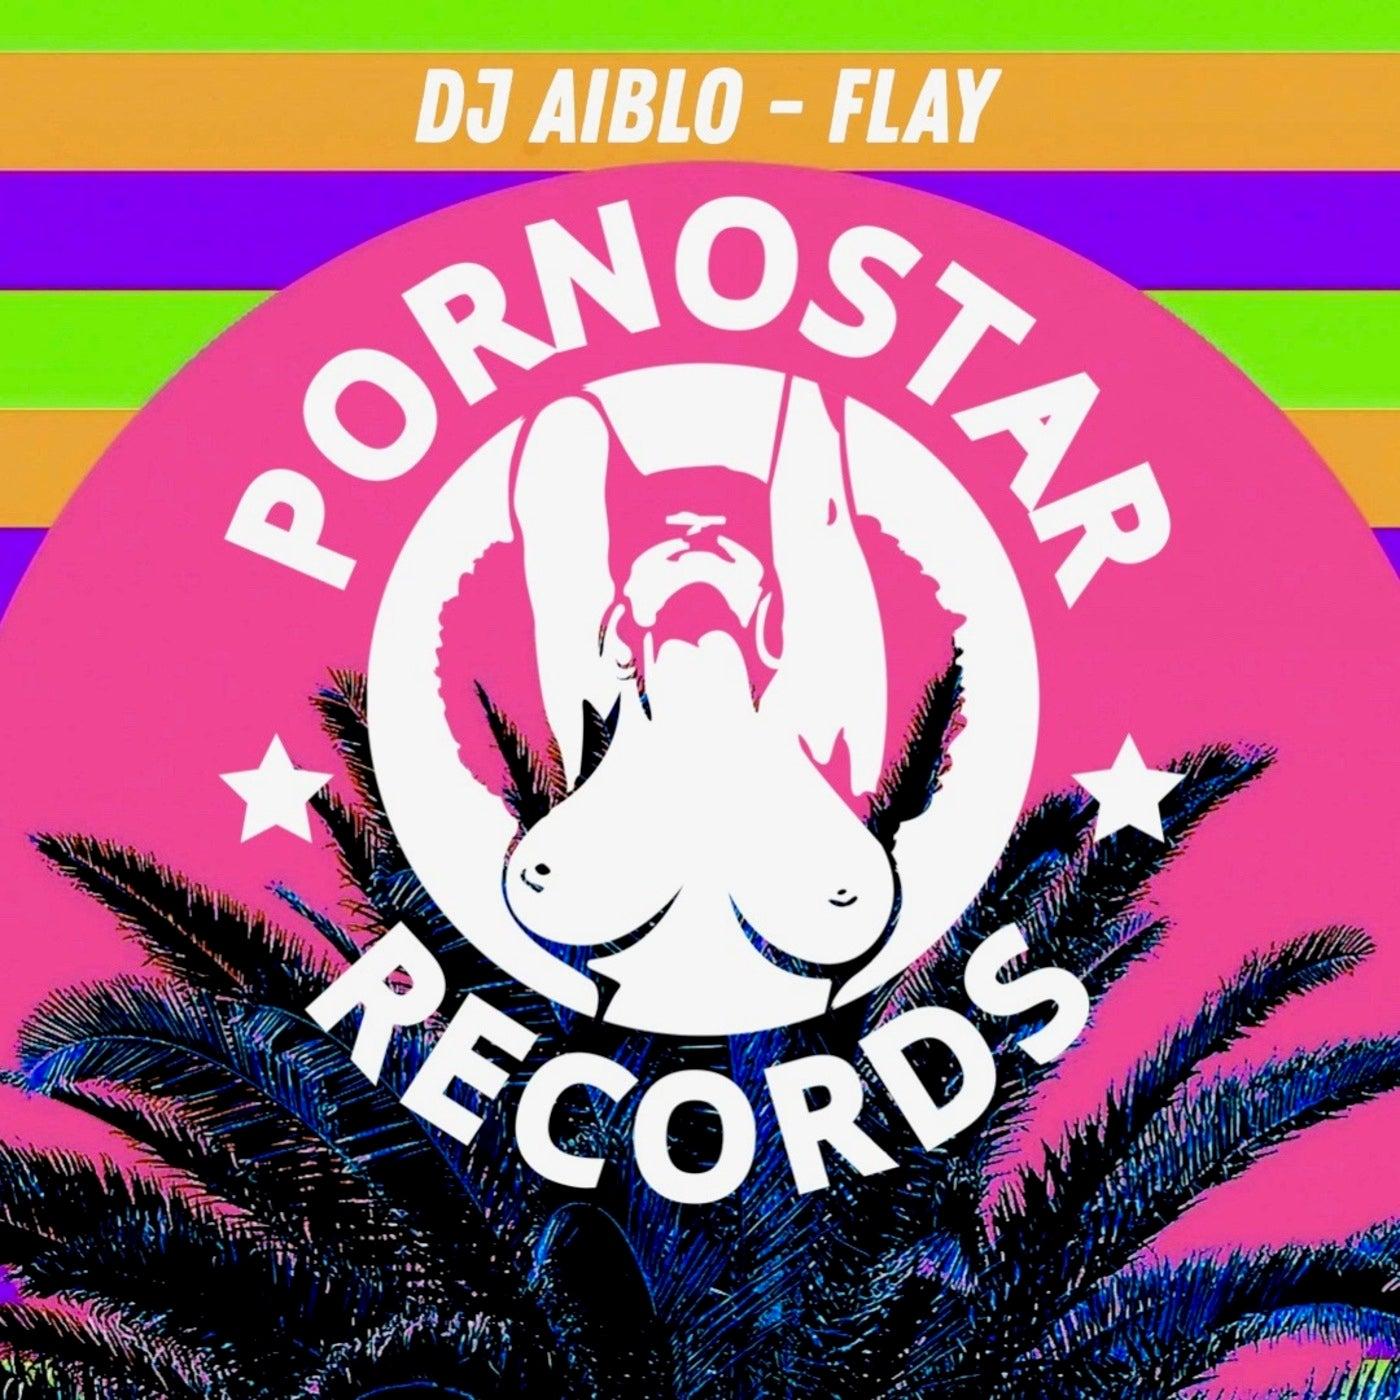 Flay (Original Mix)